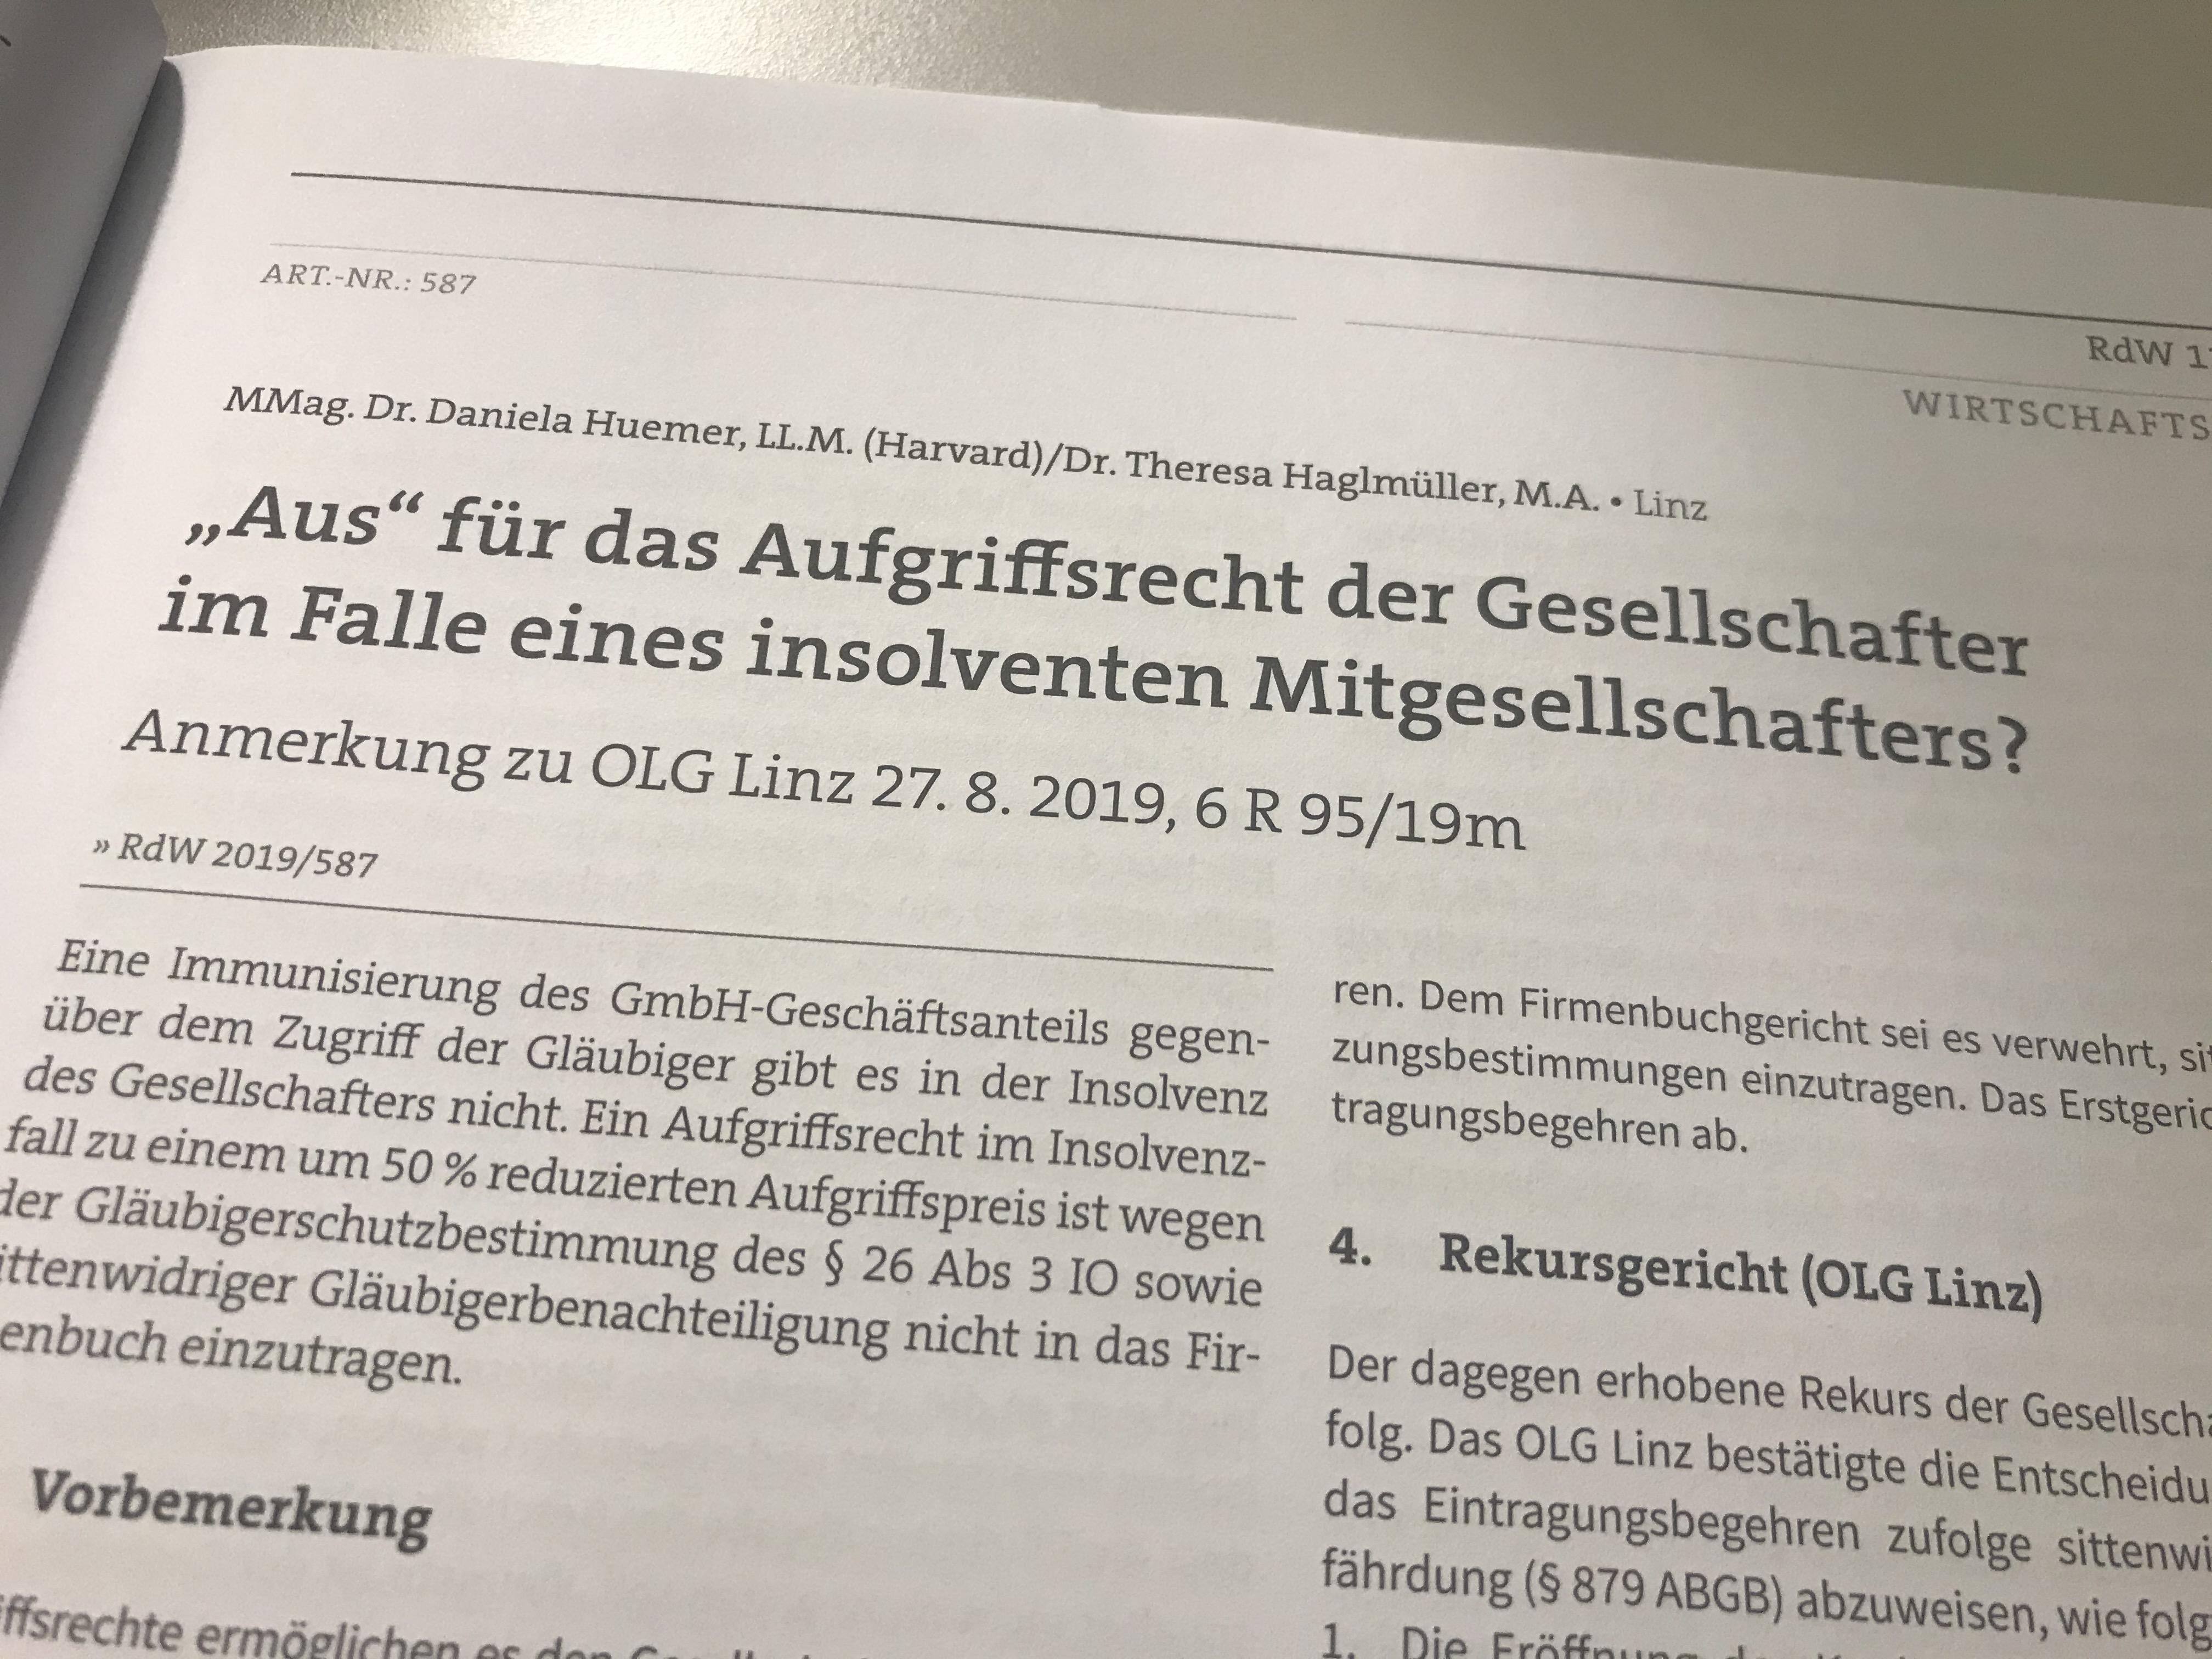 Bild der ersten Seite des Beitrags von Huemer und Haglmüller